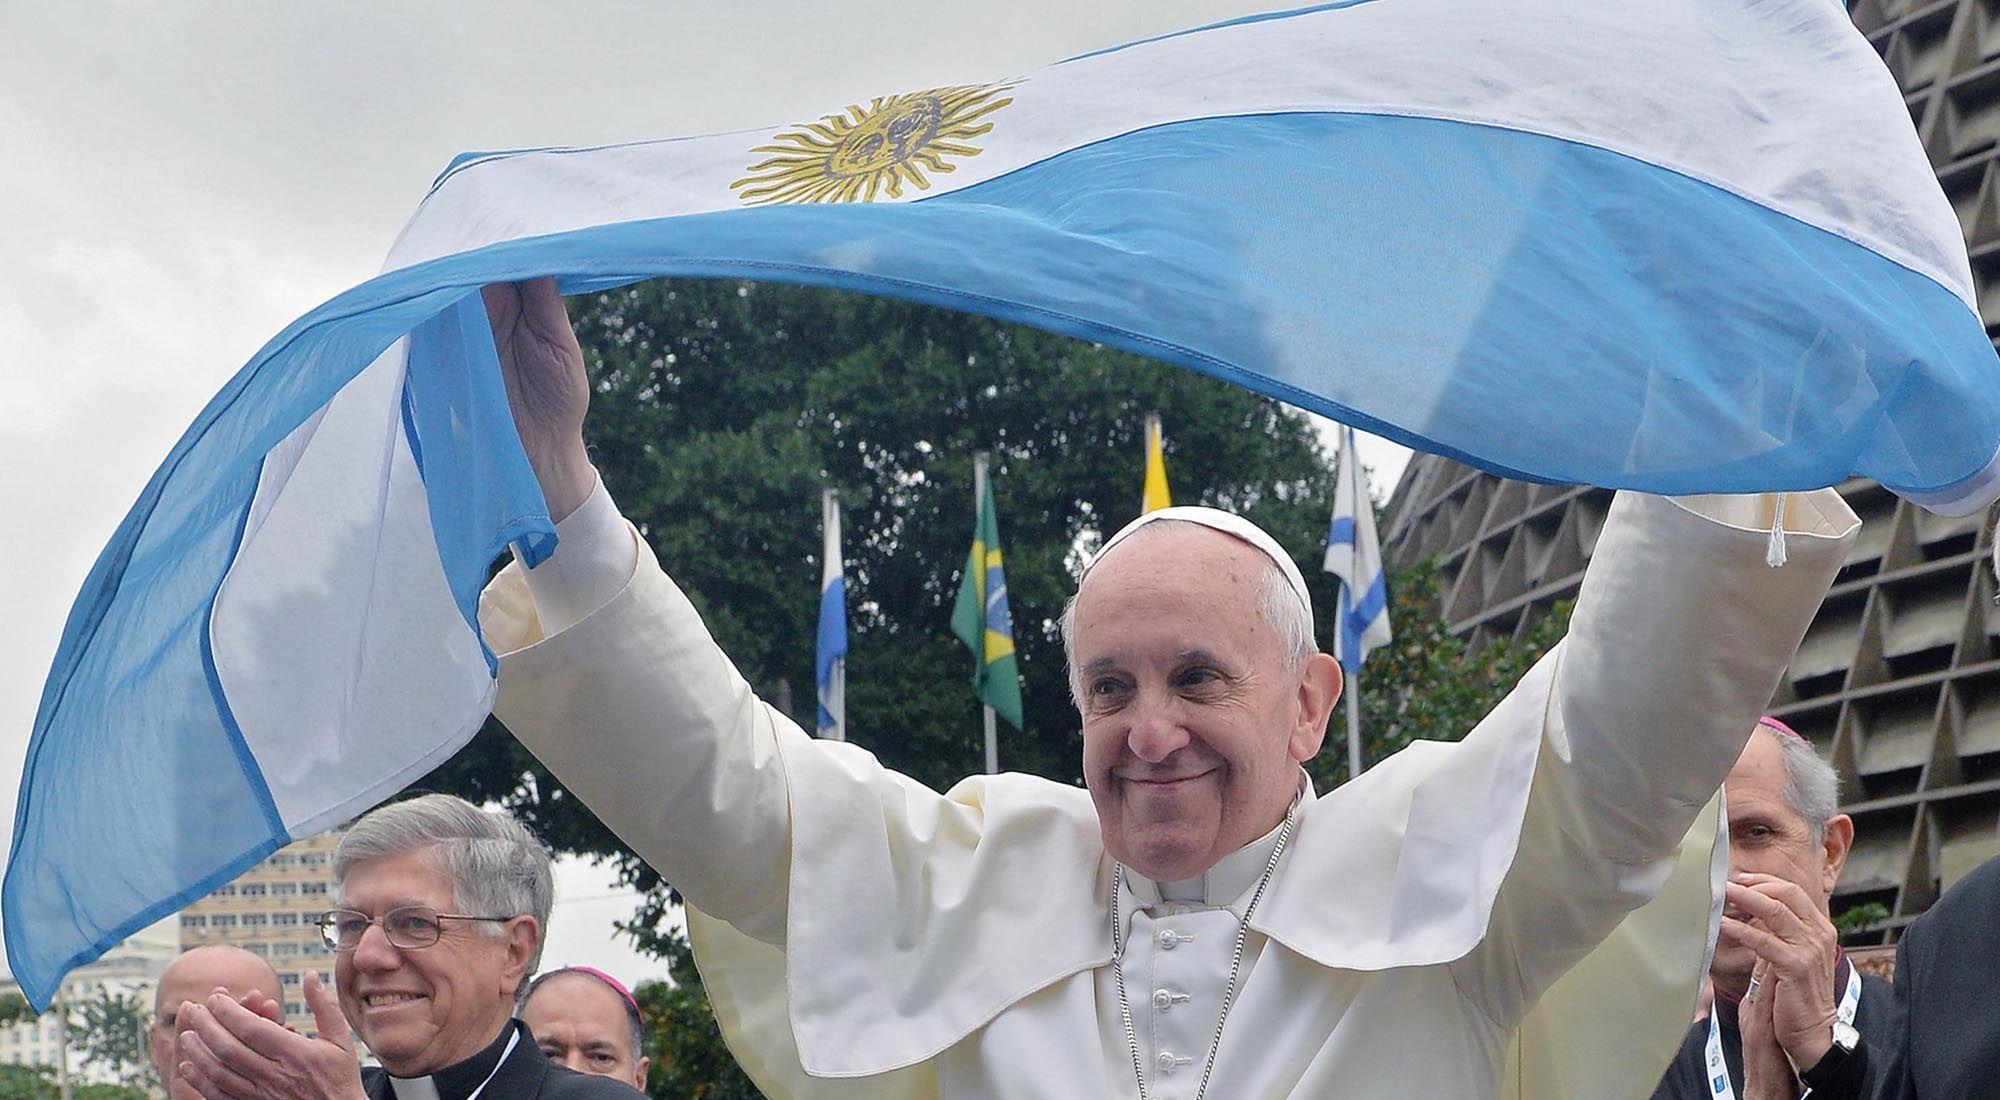 Se cumplen 7 años de la elección de Jorge Bergoglio como Papa Francisco.